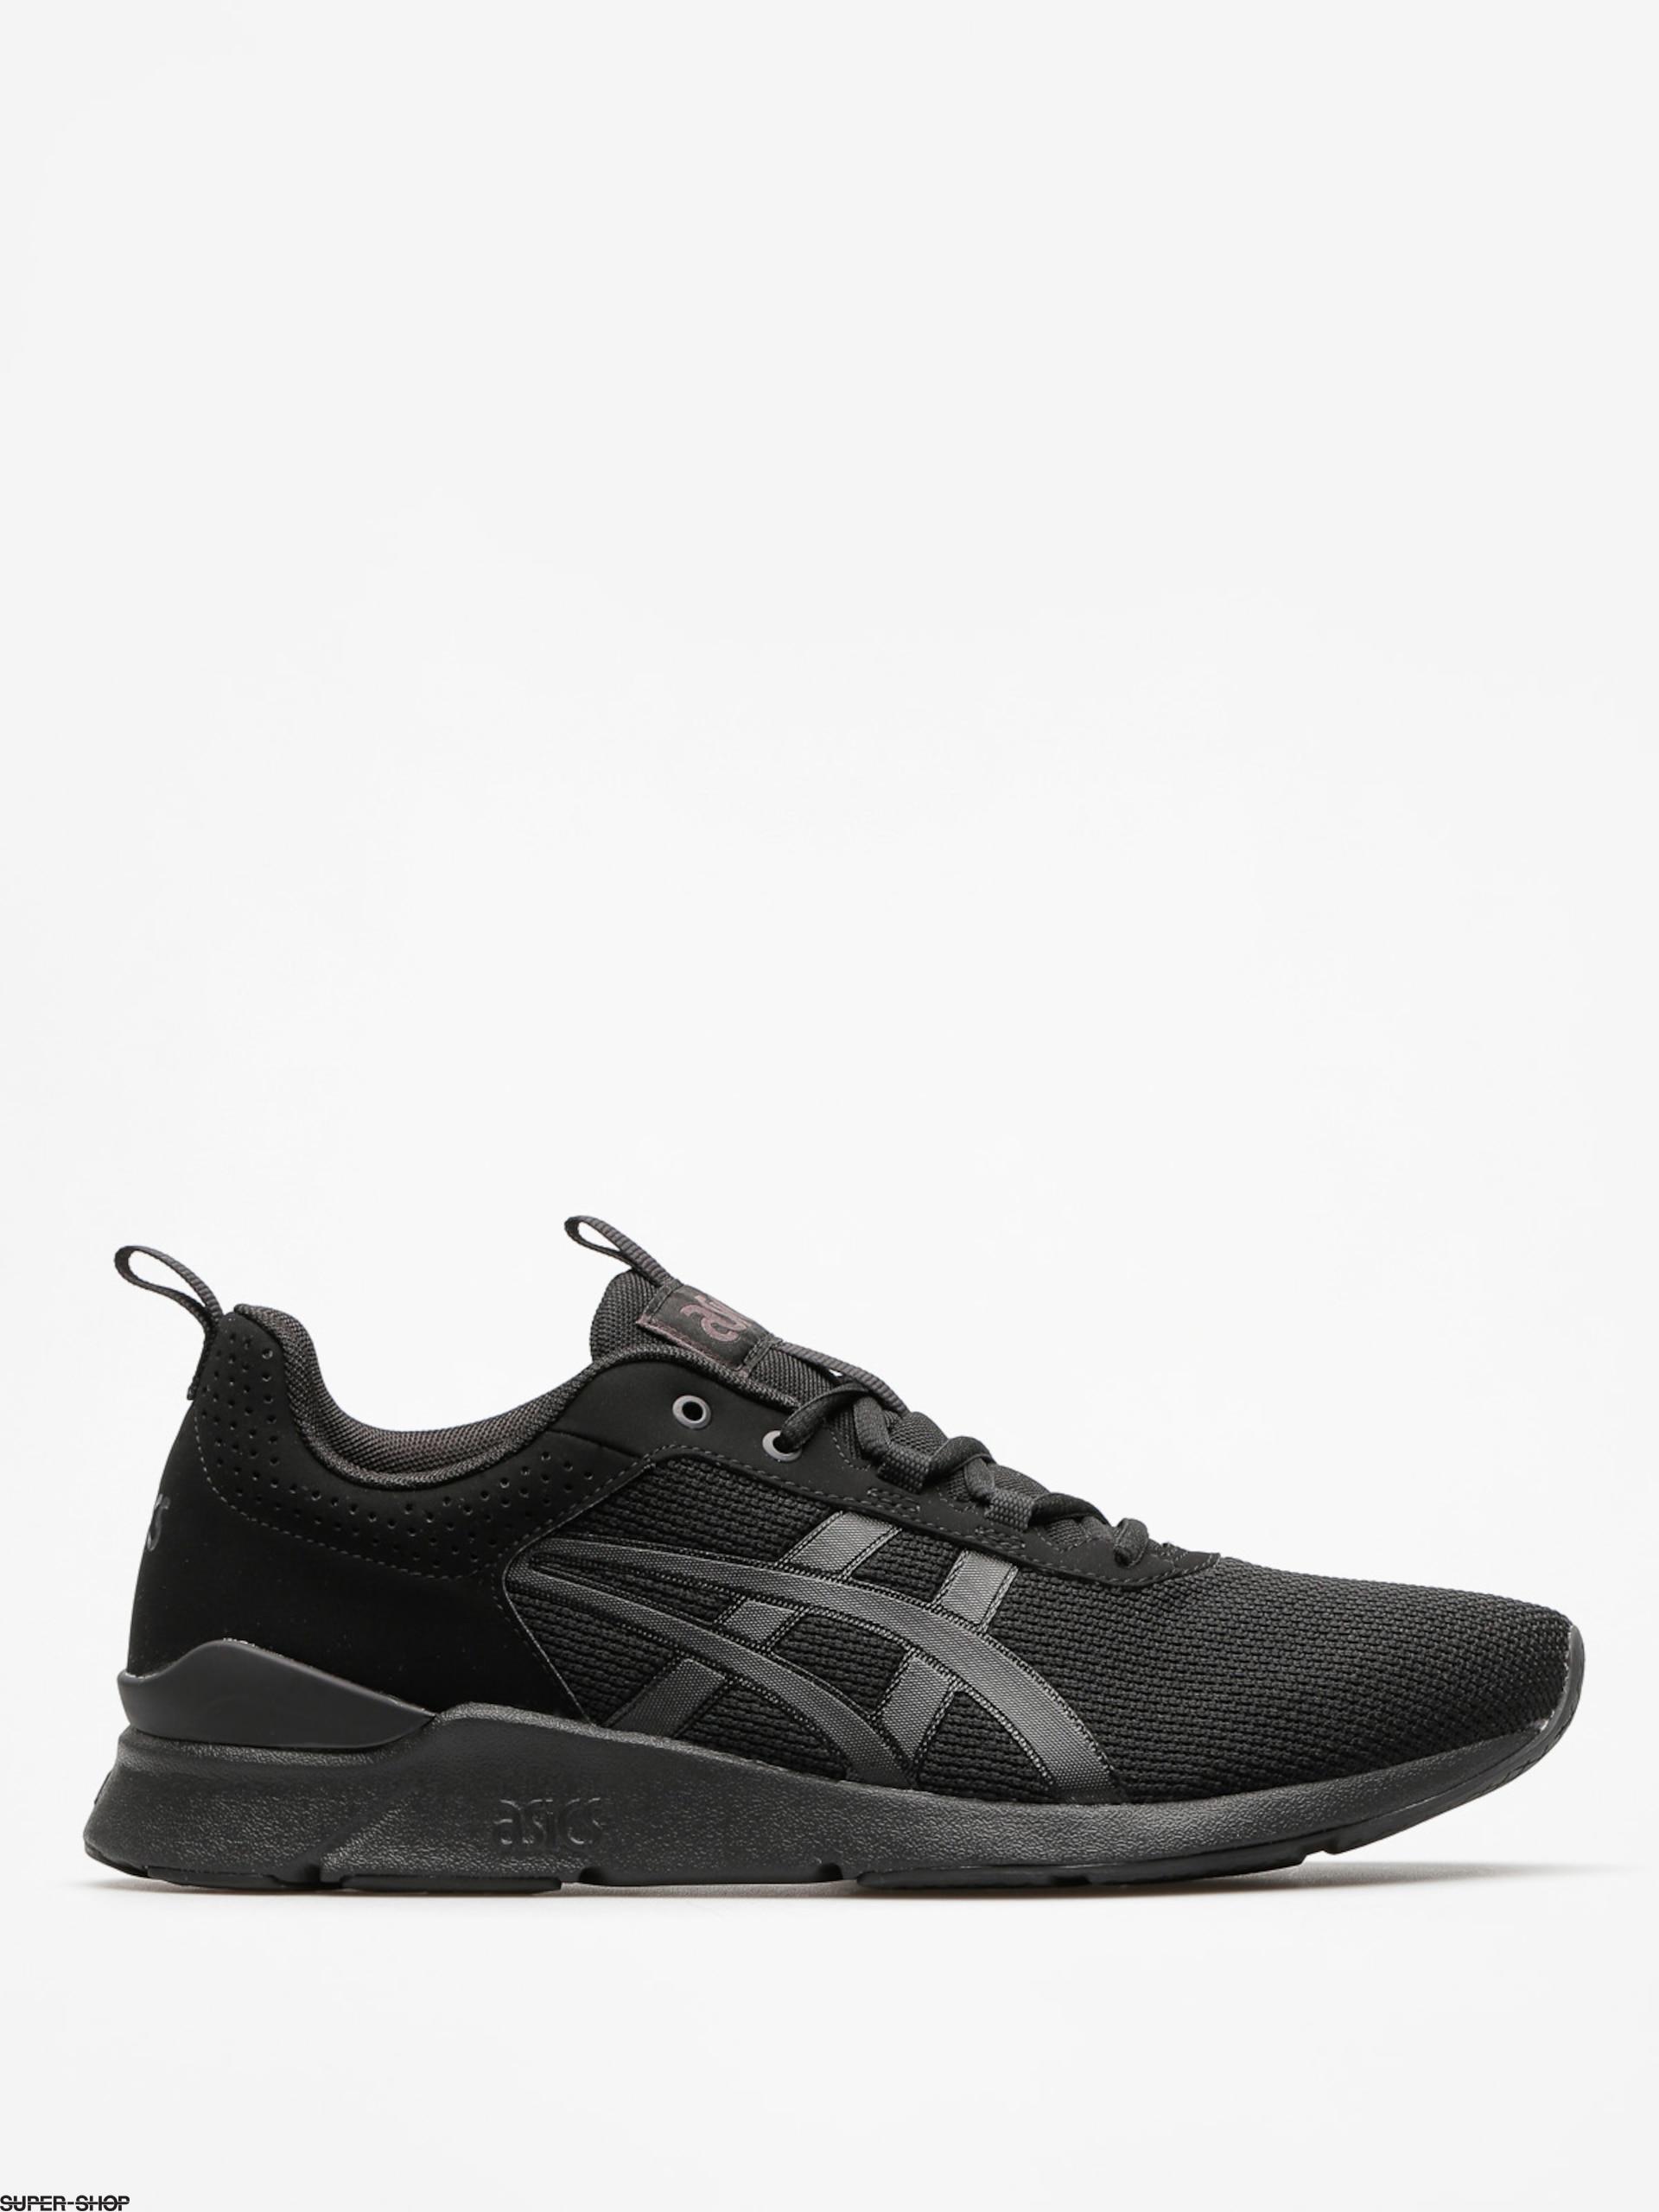 premium selection 6d1b9 0571c ASICS Tiger Schuhe Gel Lyte Runner (black/black)